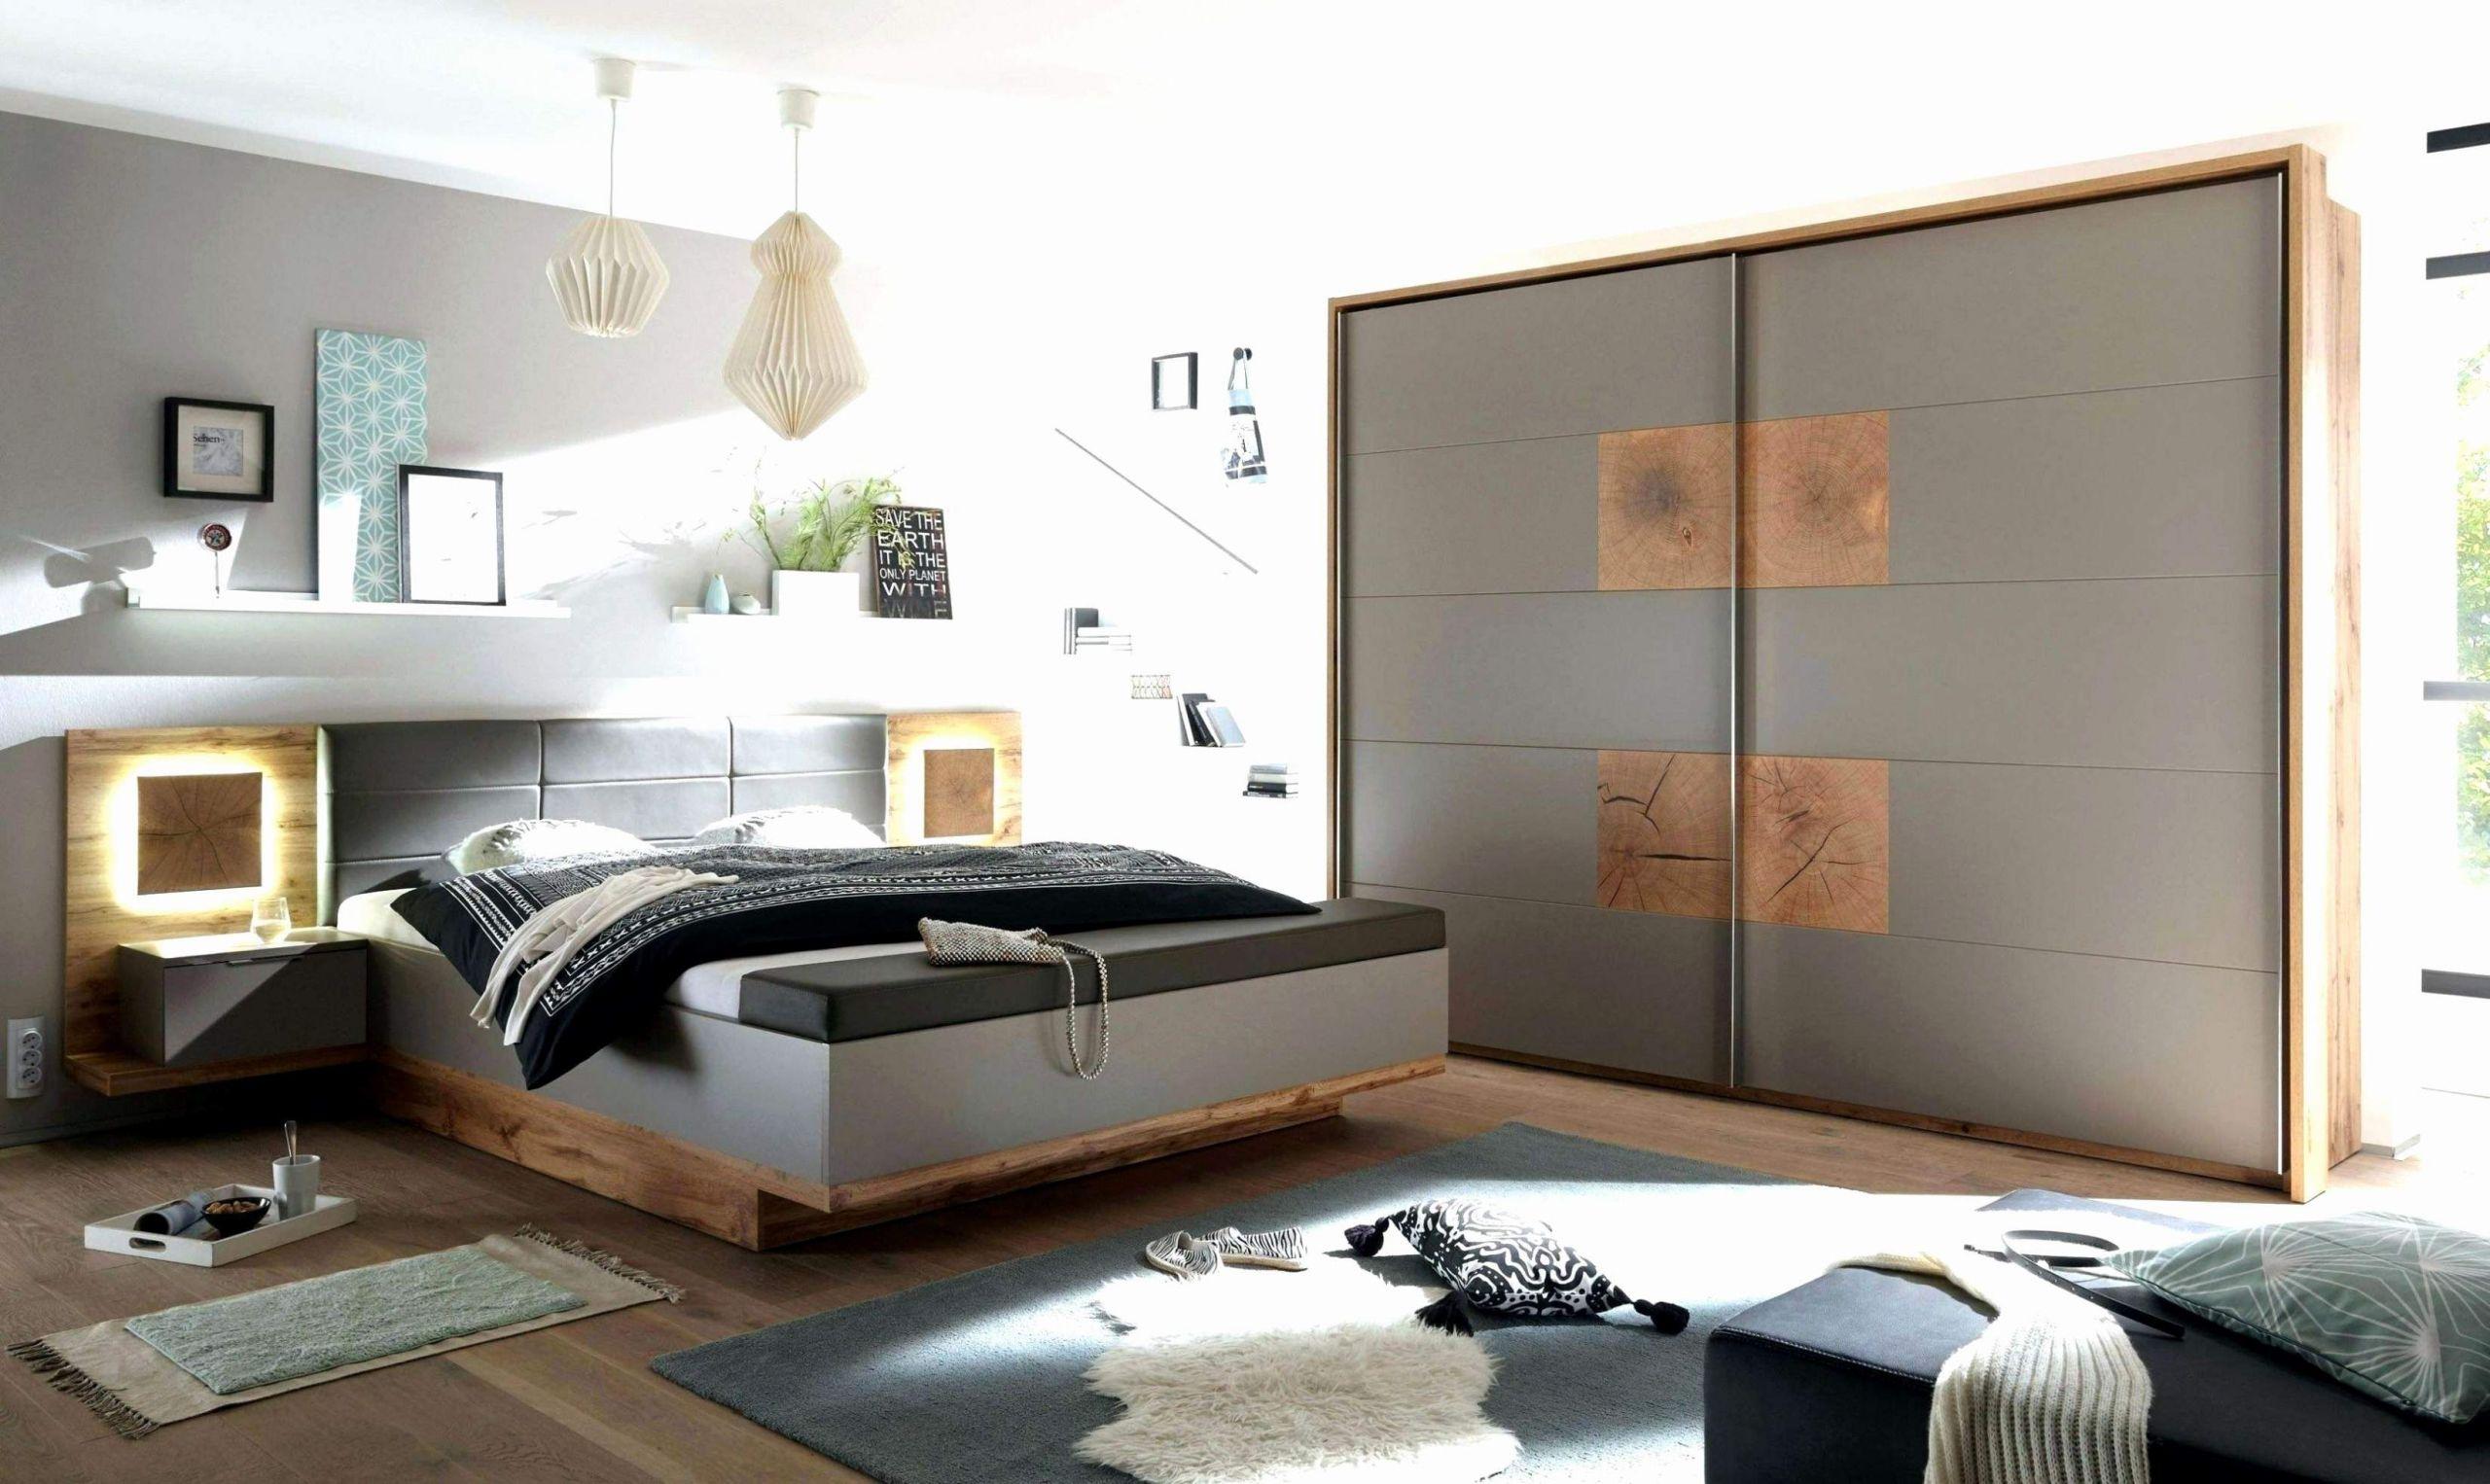 Full Size of 29 Inspirierend Stehlampen Wohnzimmer Luxus Frisch Schrankwand Liege Anbauwand Tisch Deckenlampen Stehleuchte Stehlampe Schlafzimmer Moderne Deckenleuchte Wohnzimmer Moderne Stehlampe Wohnzimmer